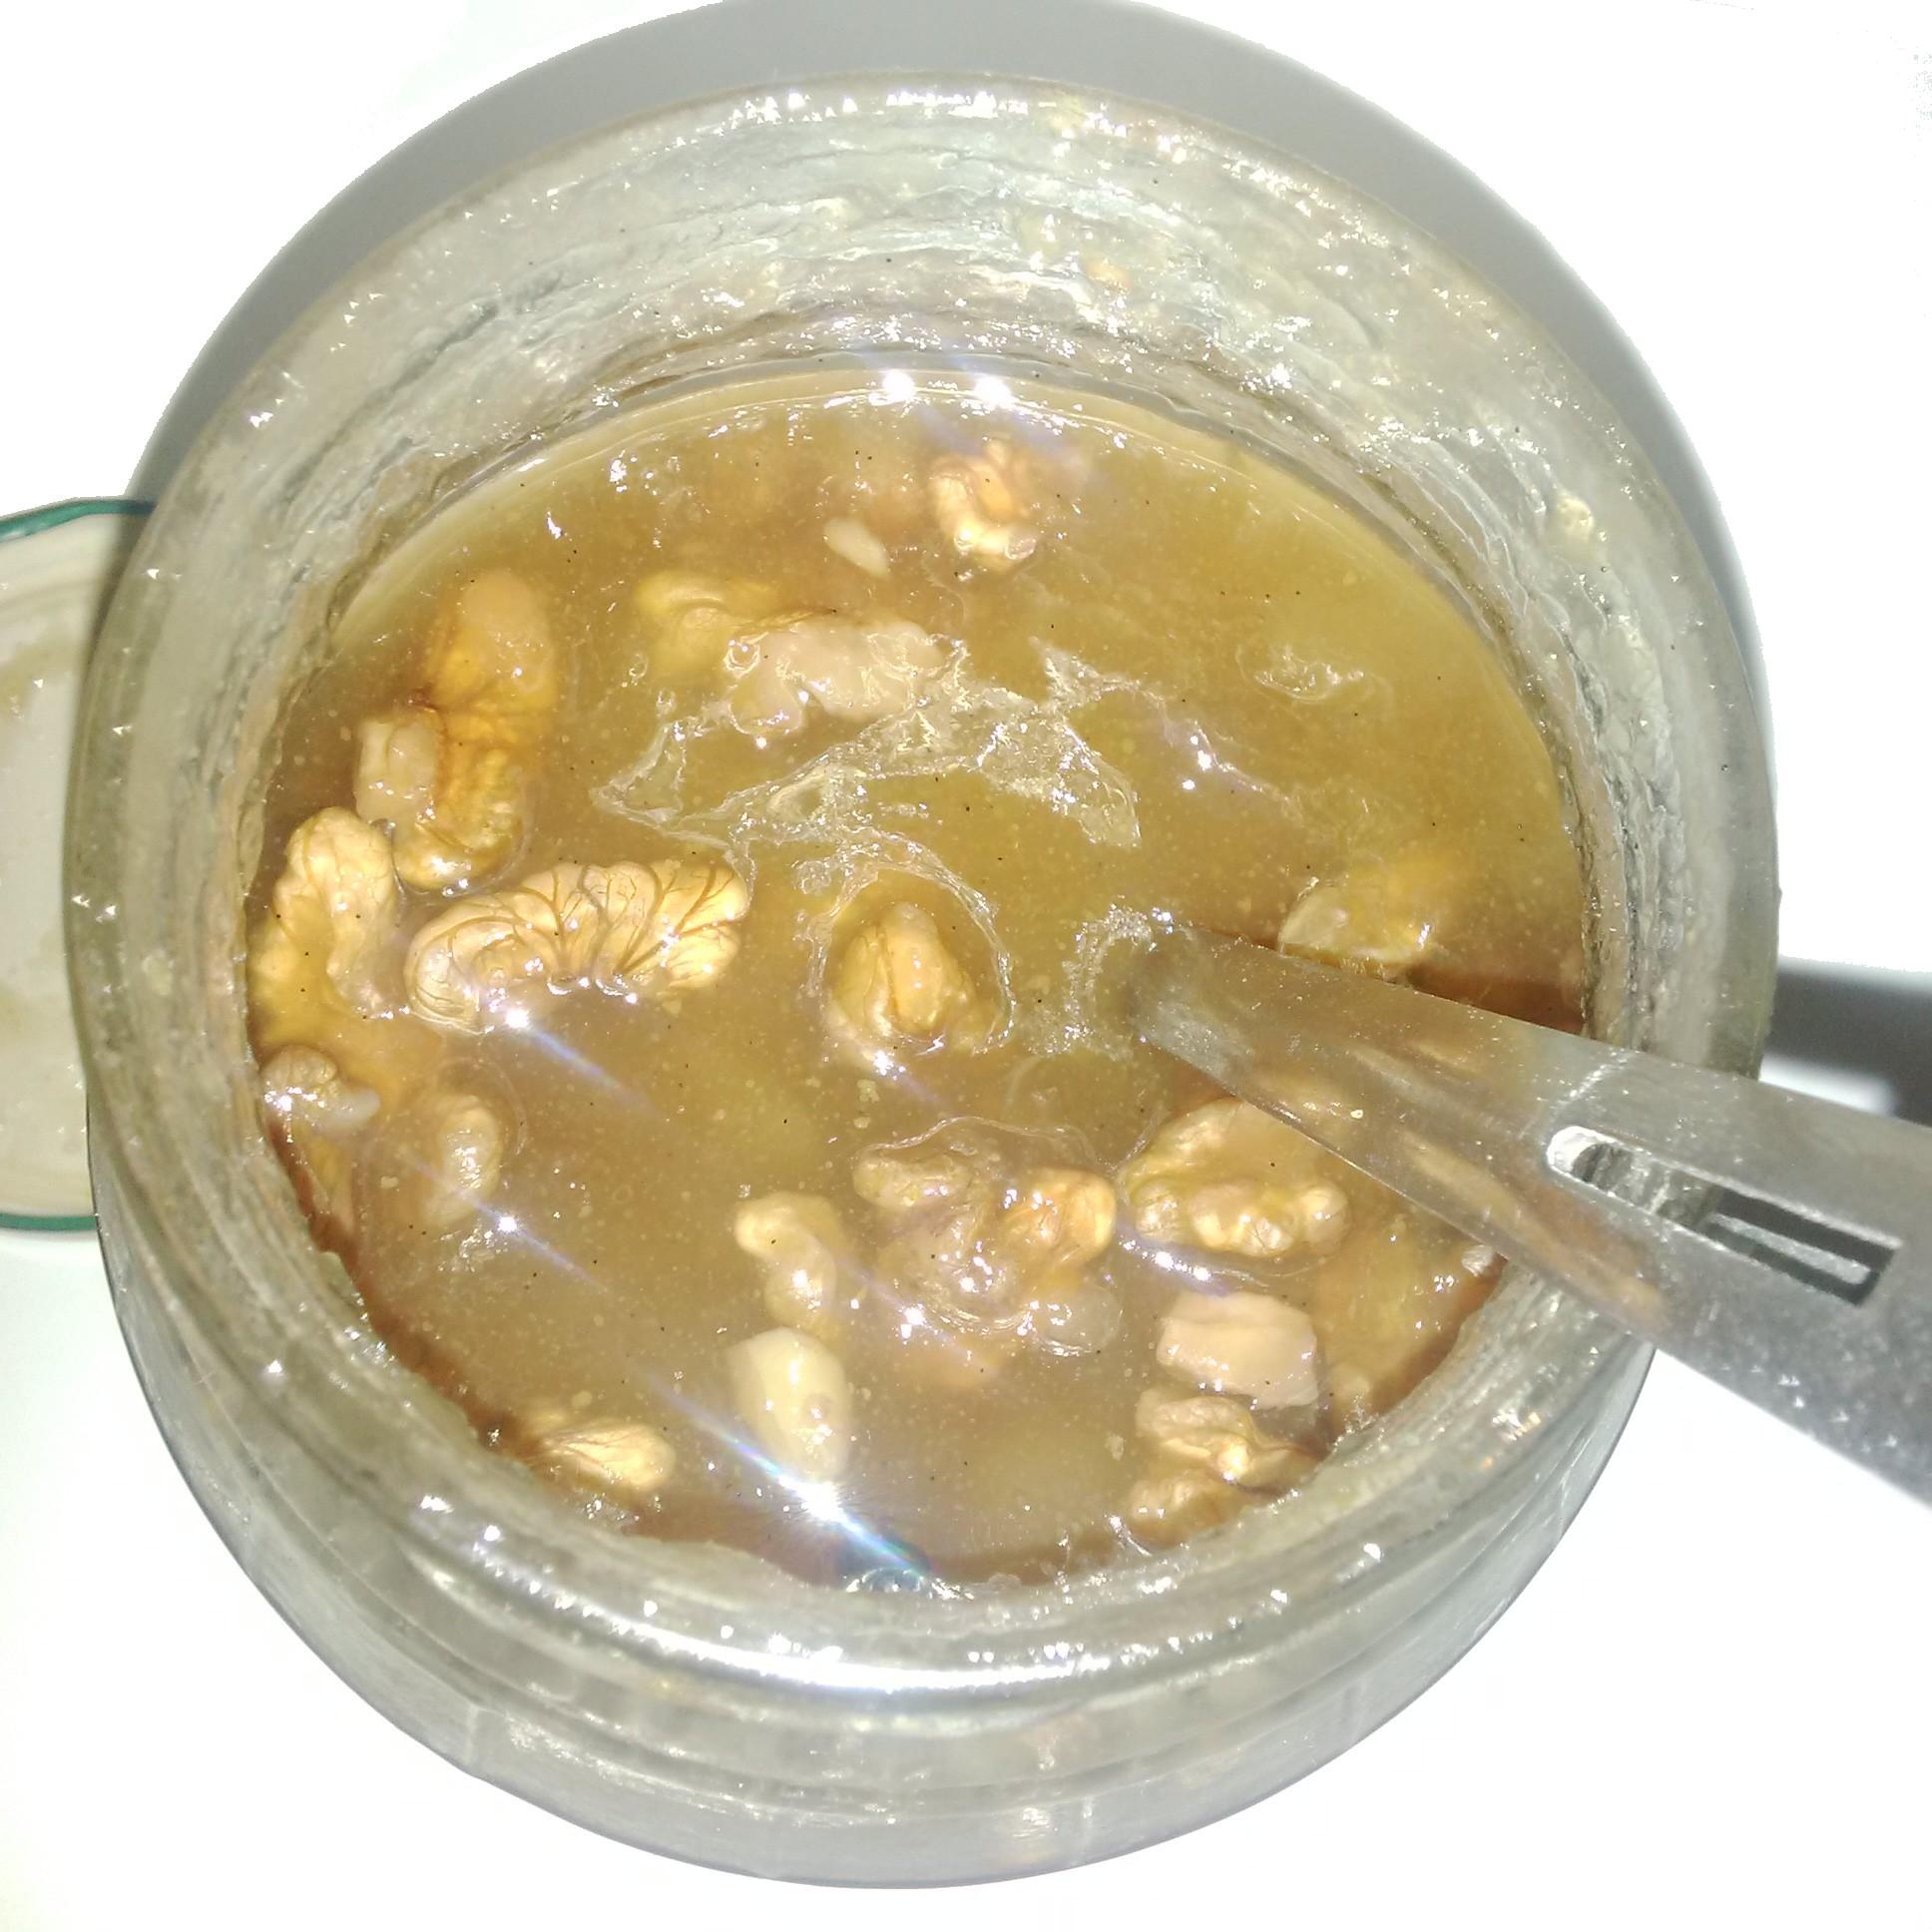 Confiture maison poires noix vanille